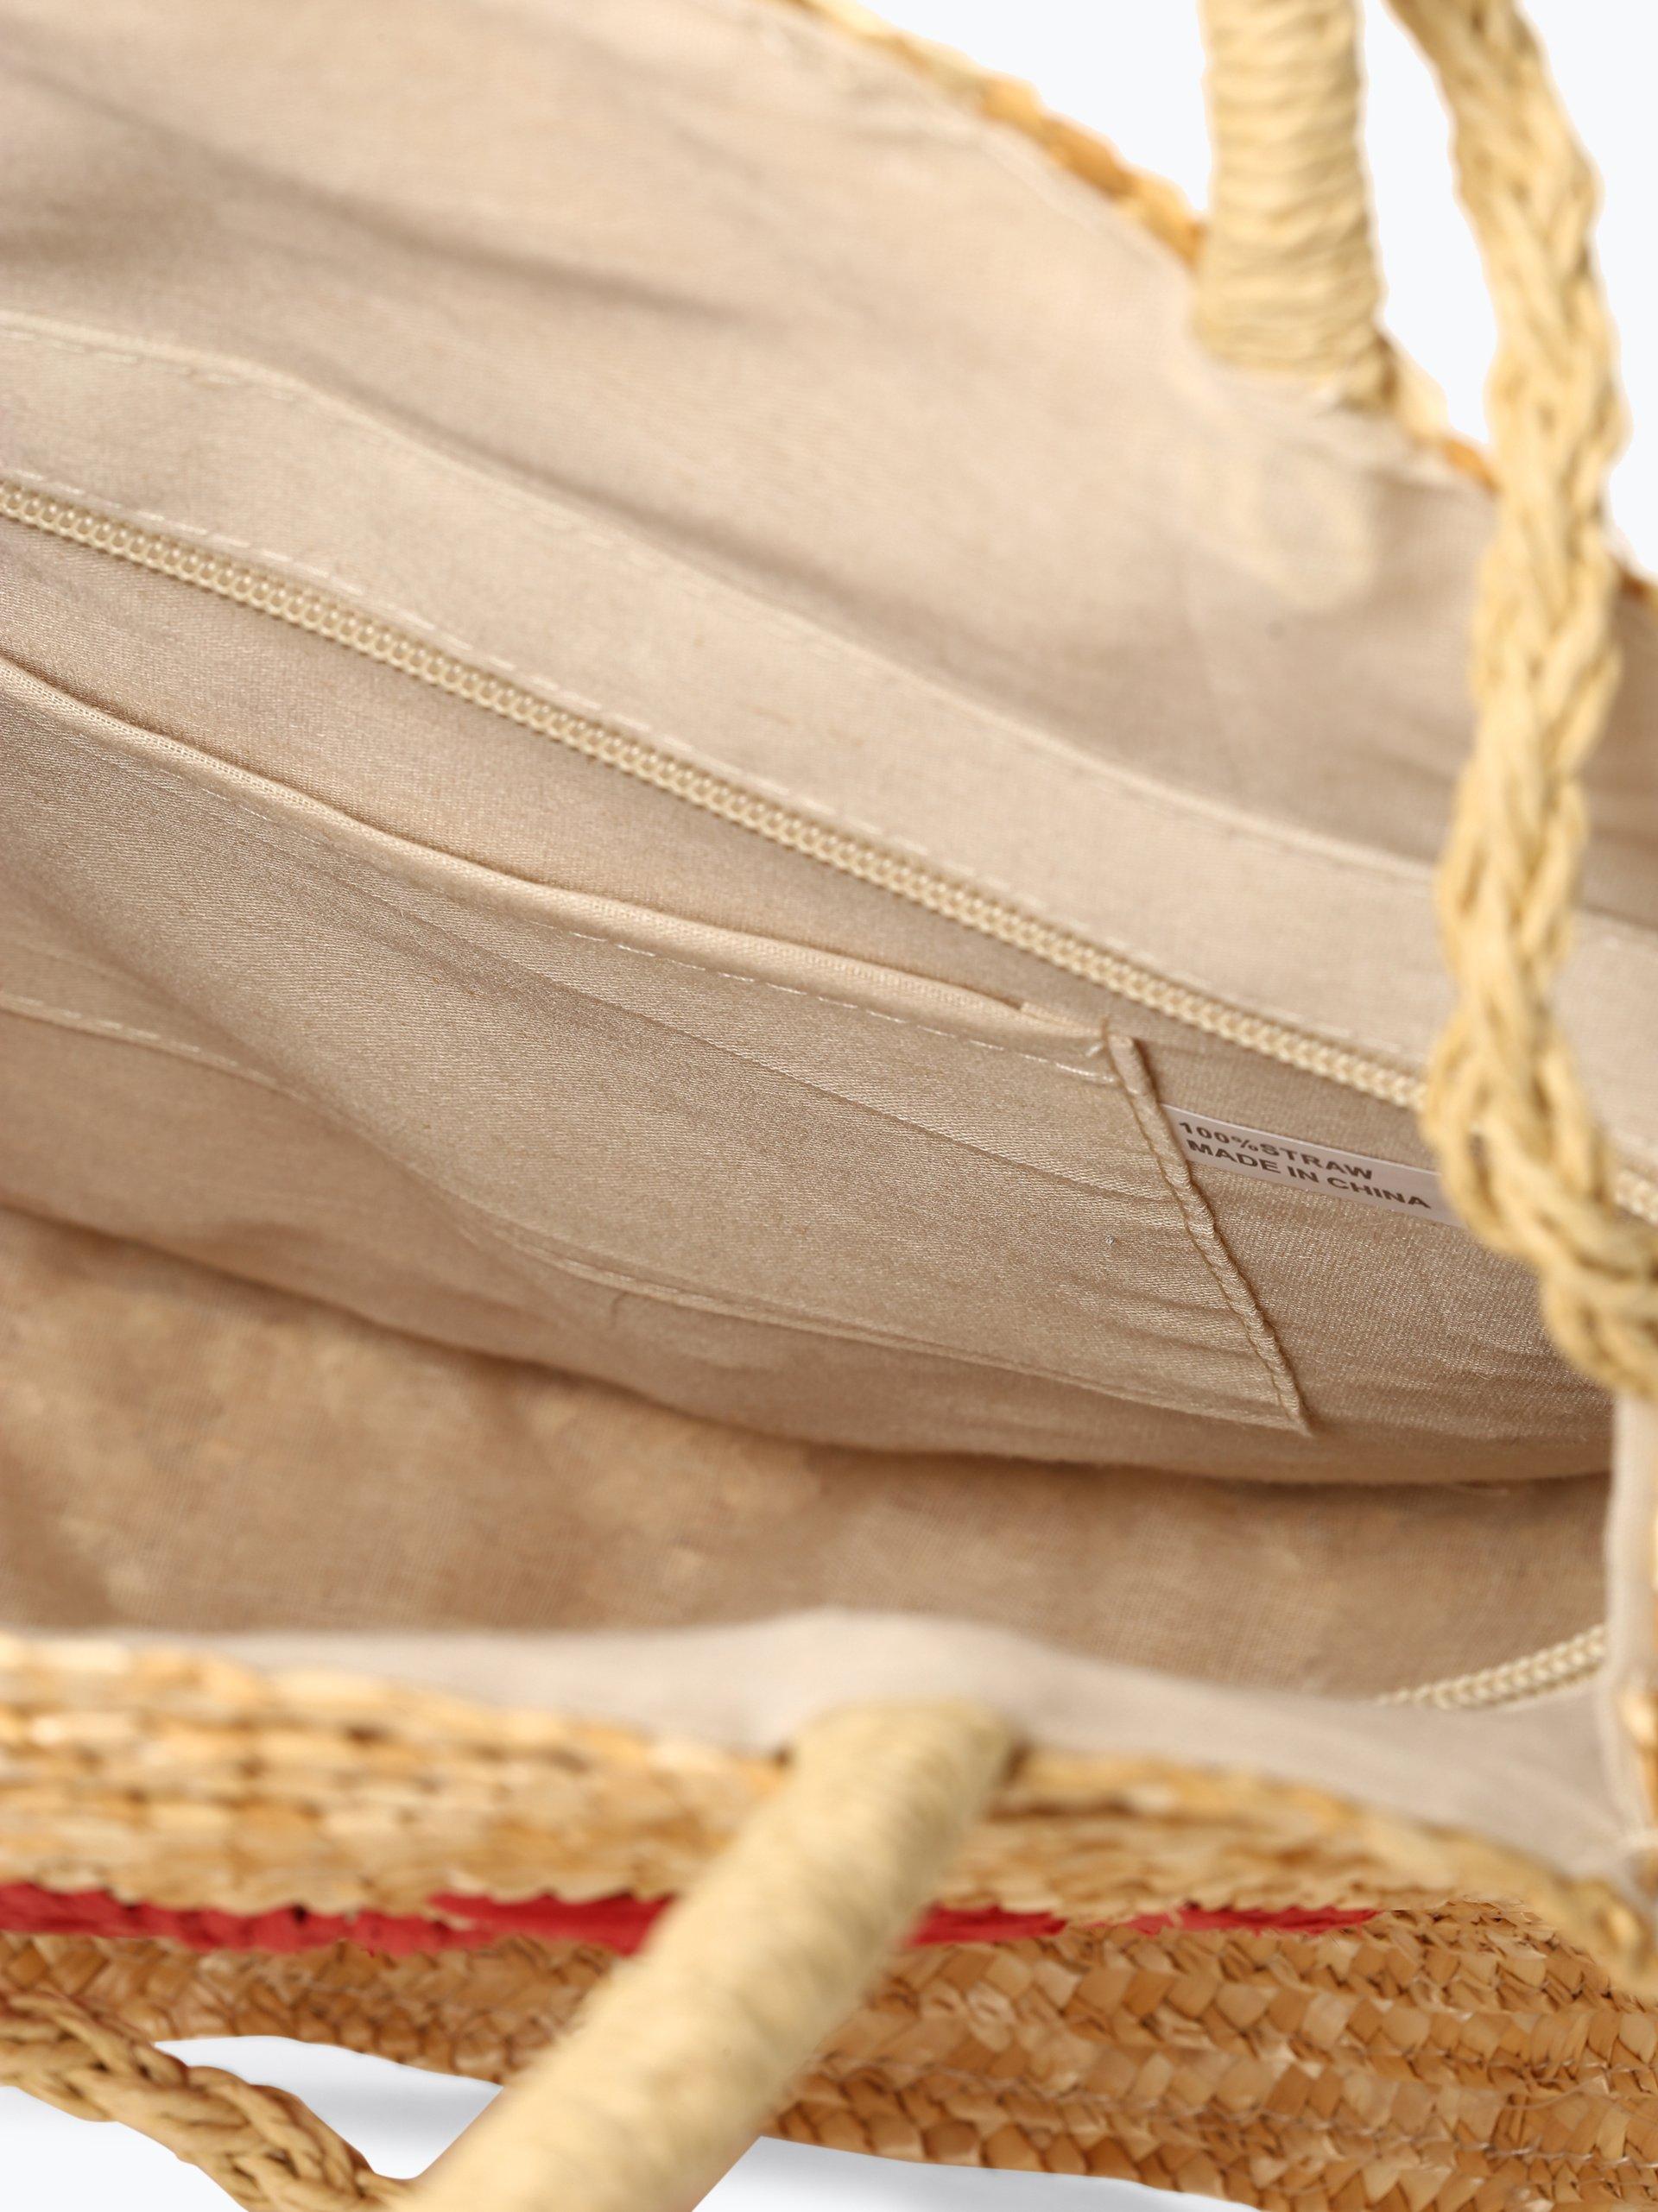 Kurt Kölln Damen Handtasche